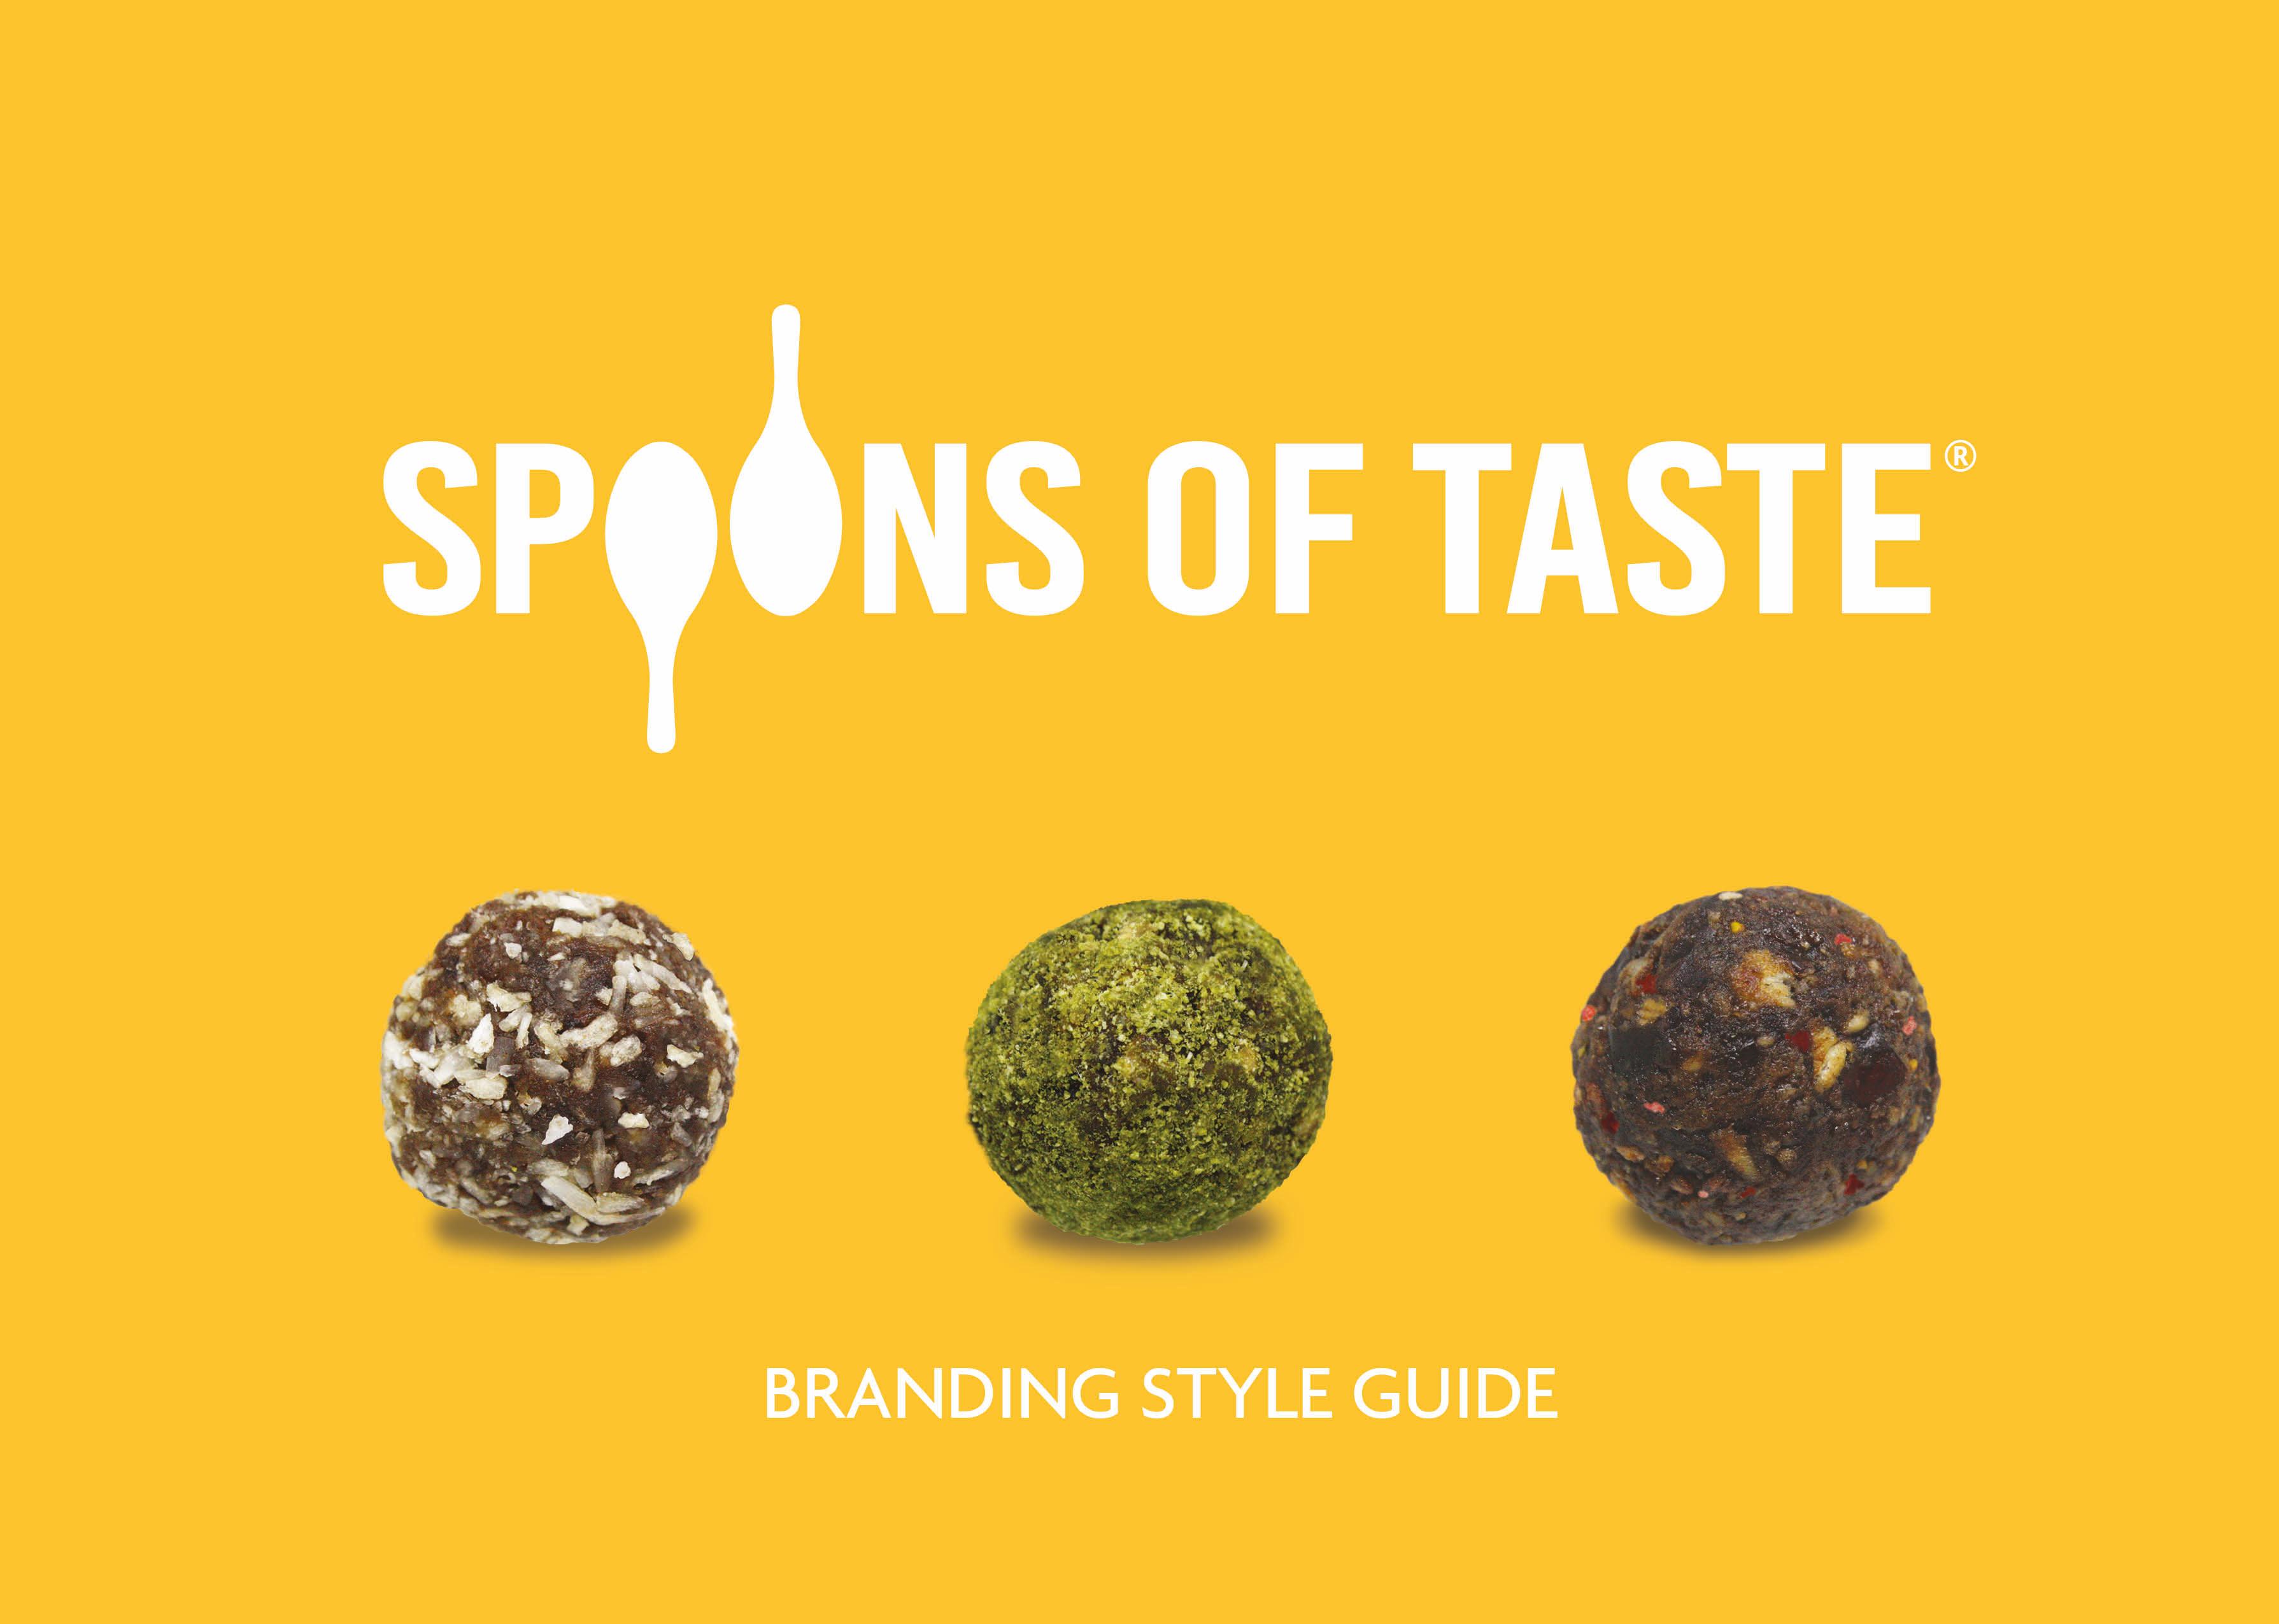 Spoons of Taste